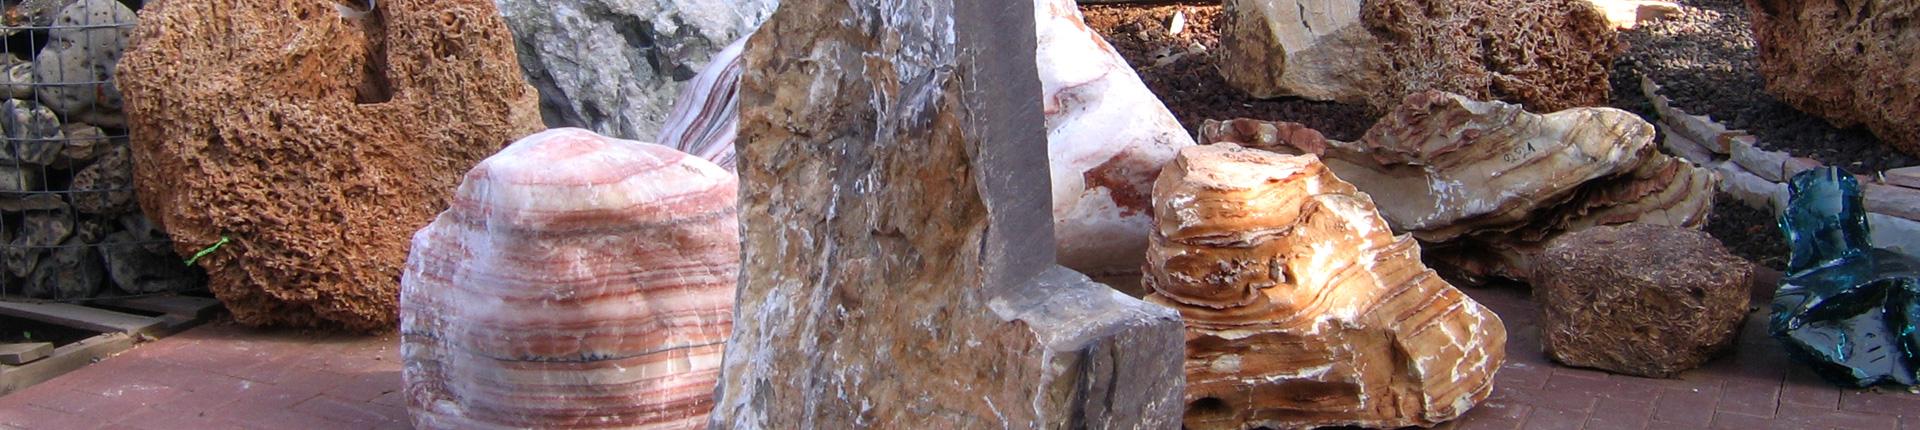 מצבות מסלע זכוכית סלעים.קום